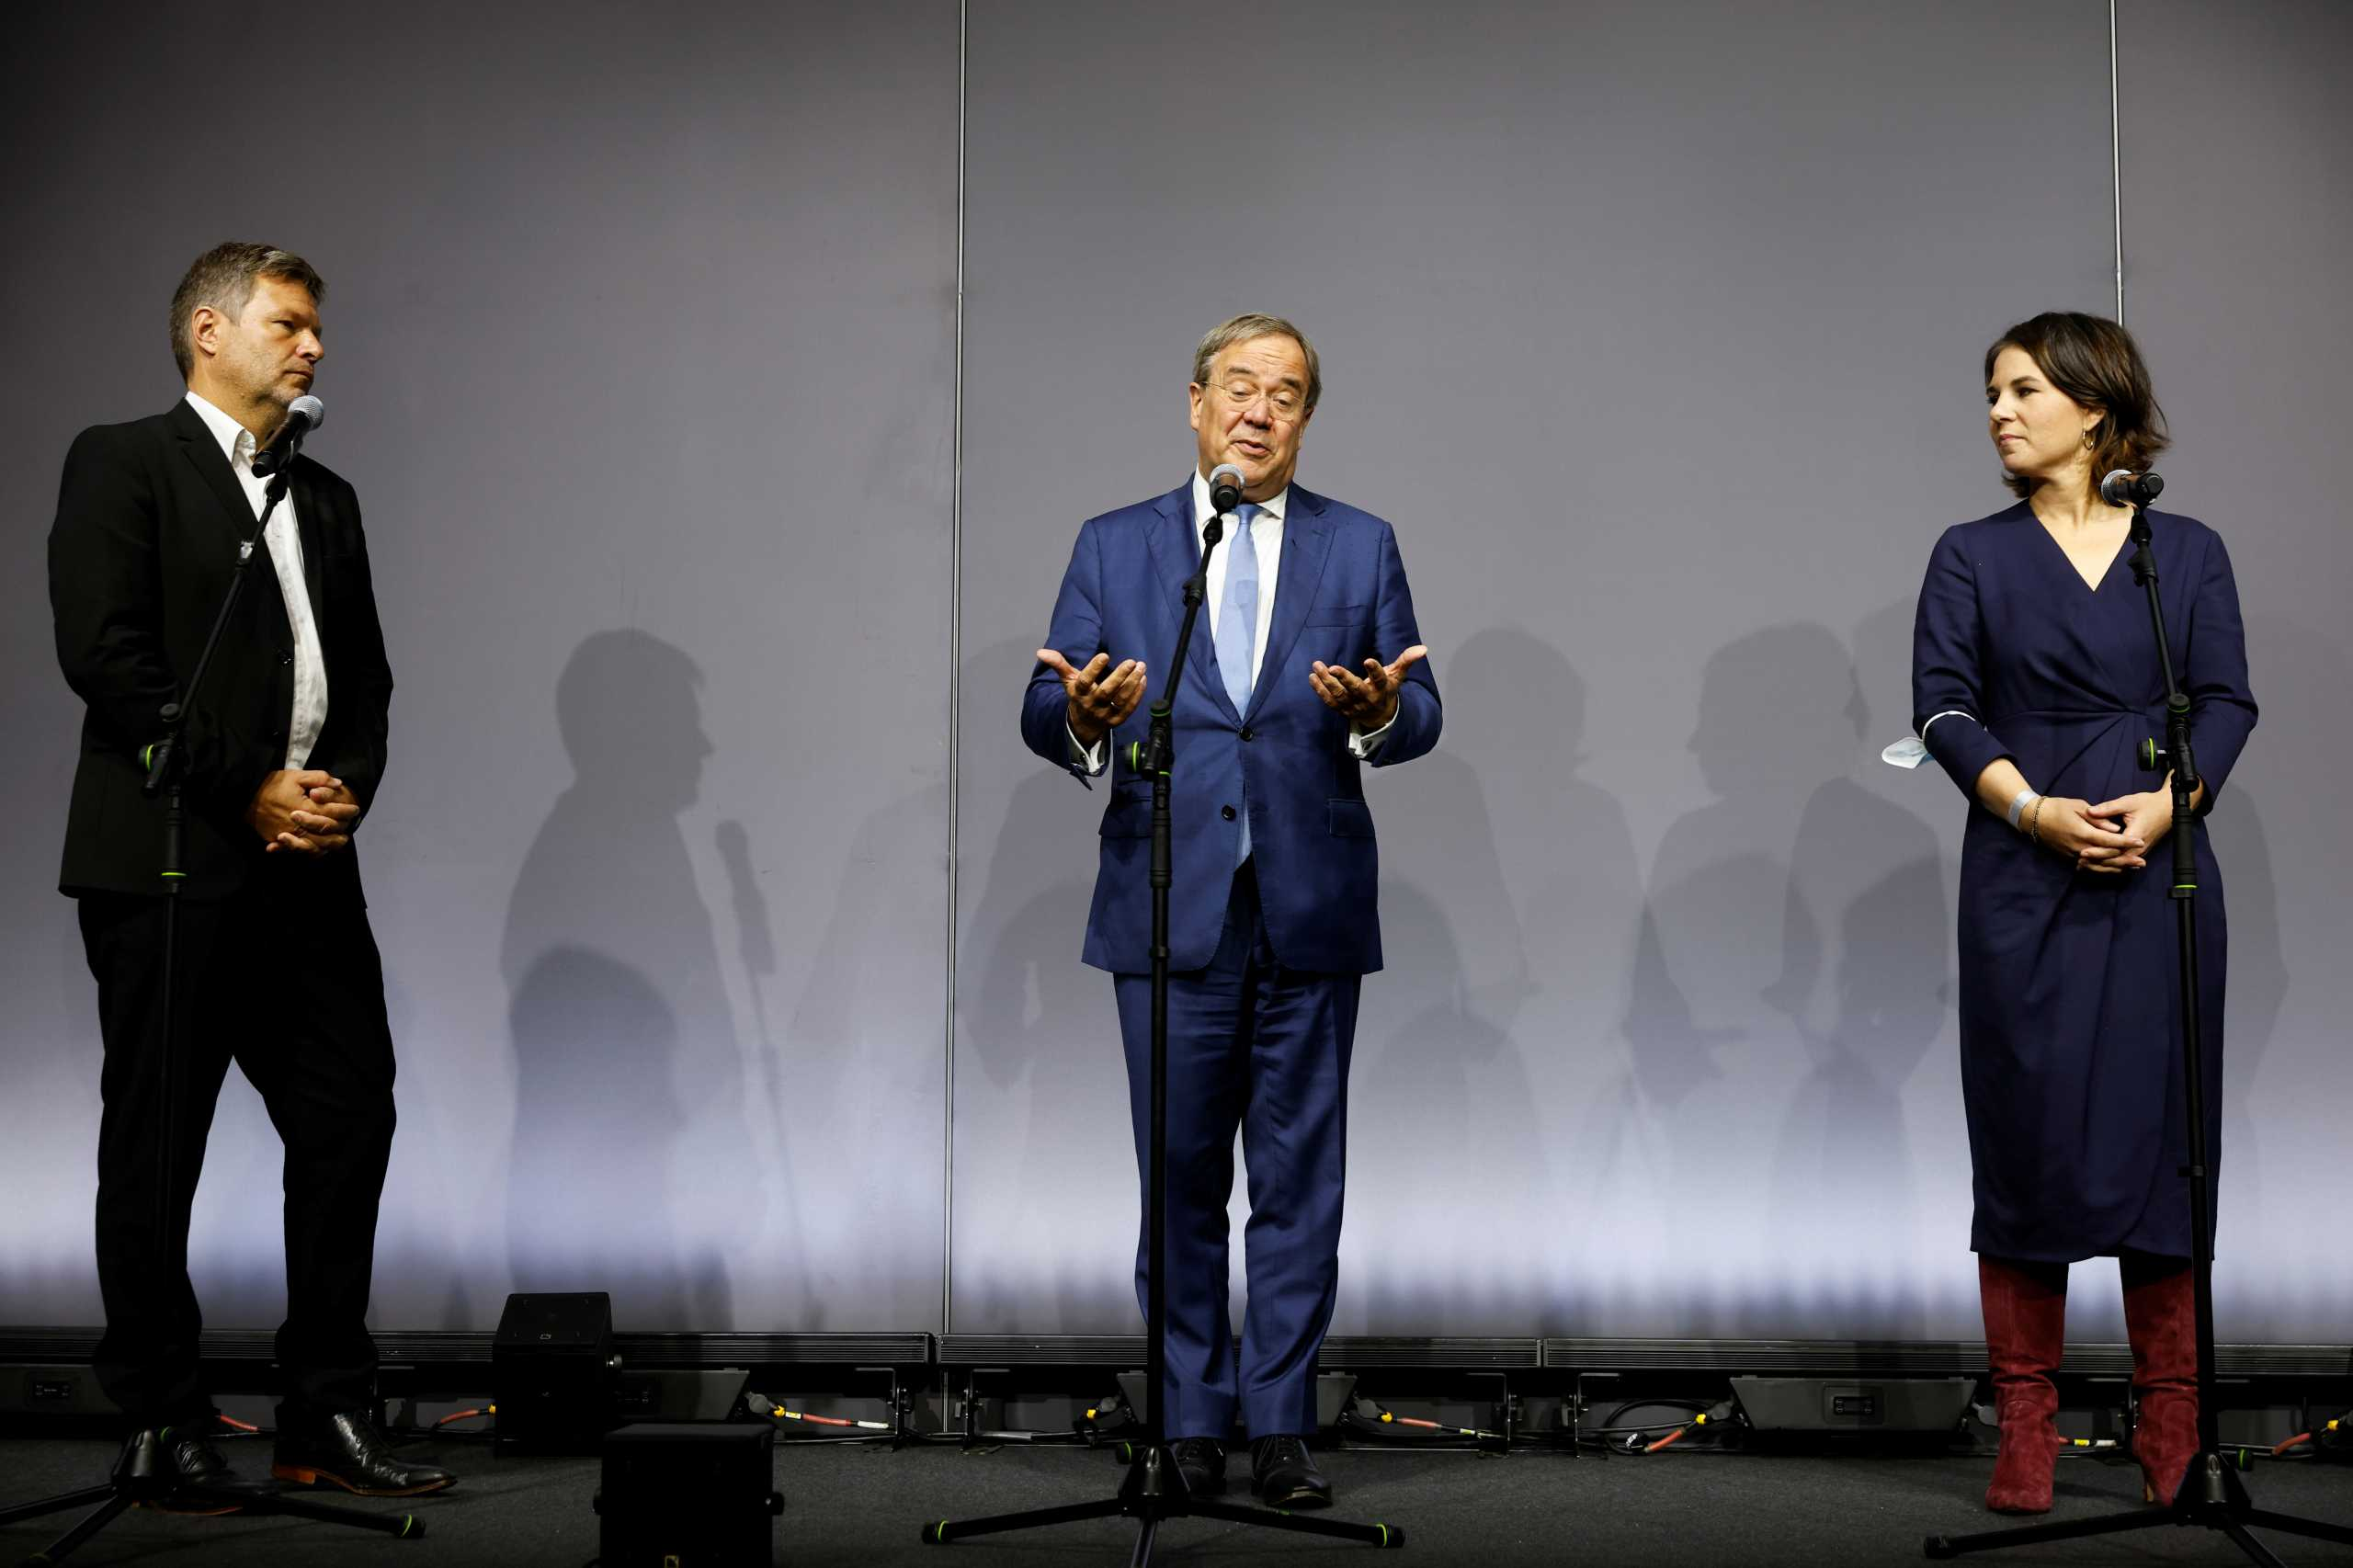 Γερμανία: Το CDU επιθυμεί διακαώς «συνασπισμό Τζαμάικα» αλλά ο Άρμιν Λάσετ παραμένει «ανεπιθύμητος»